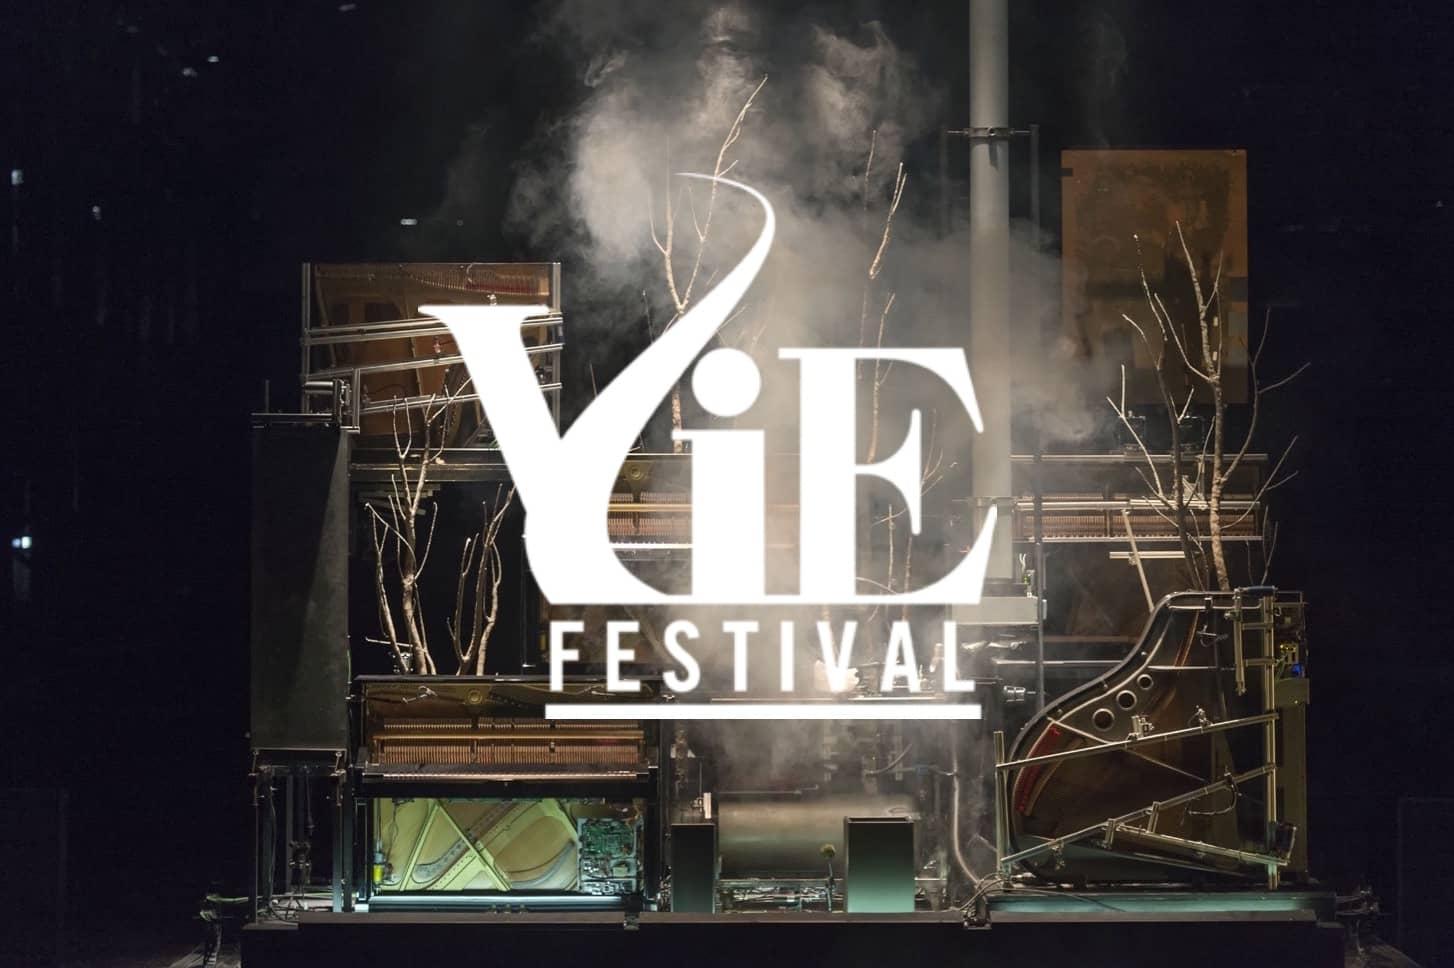 #VIEbooks Culture teatrali. Teatri del suono